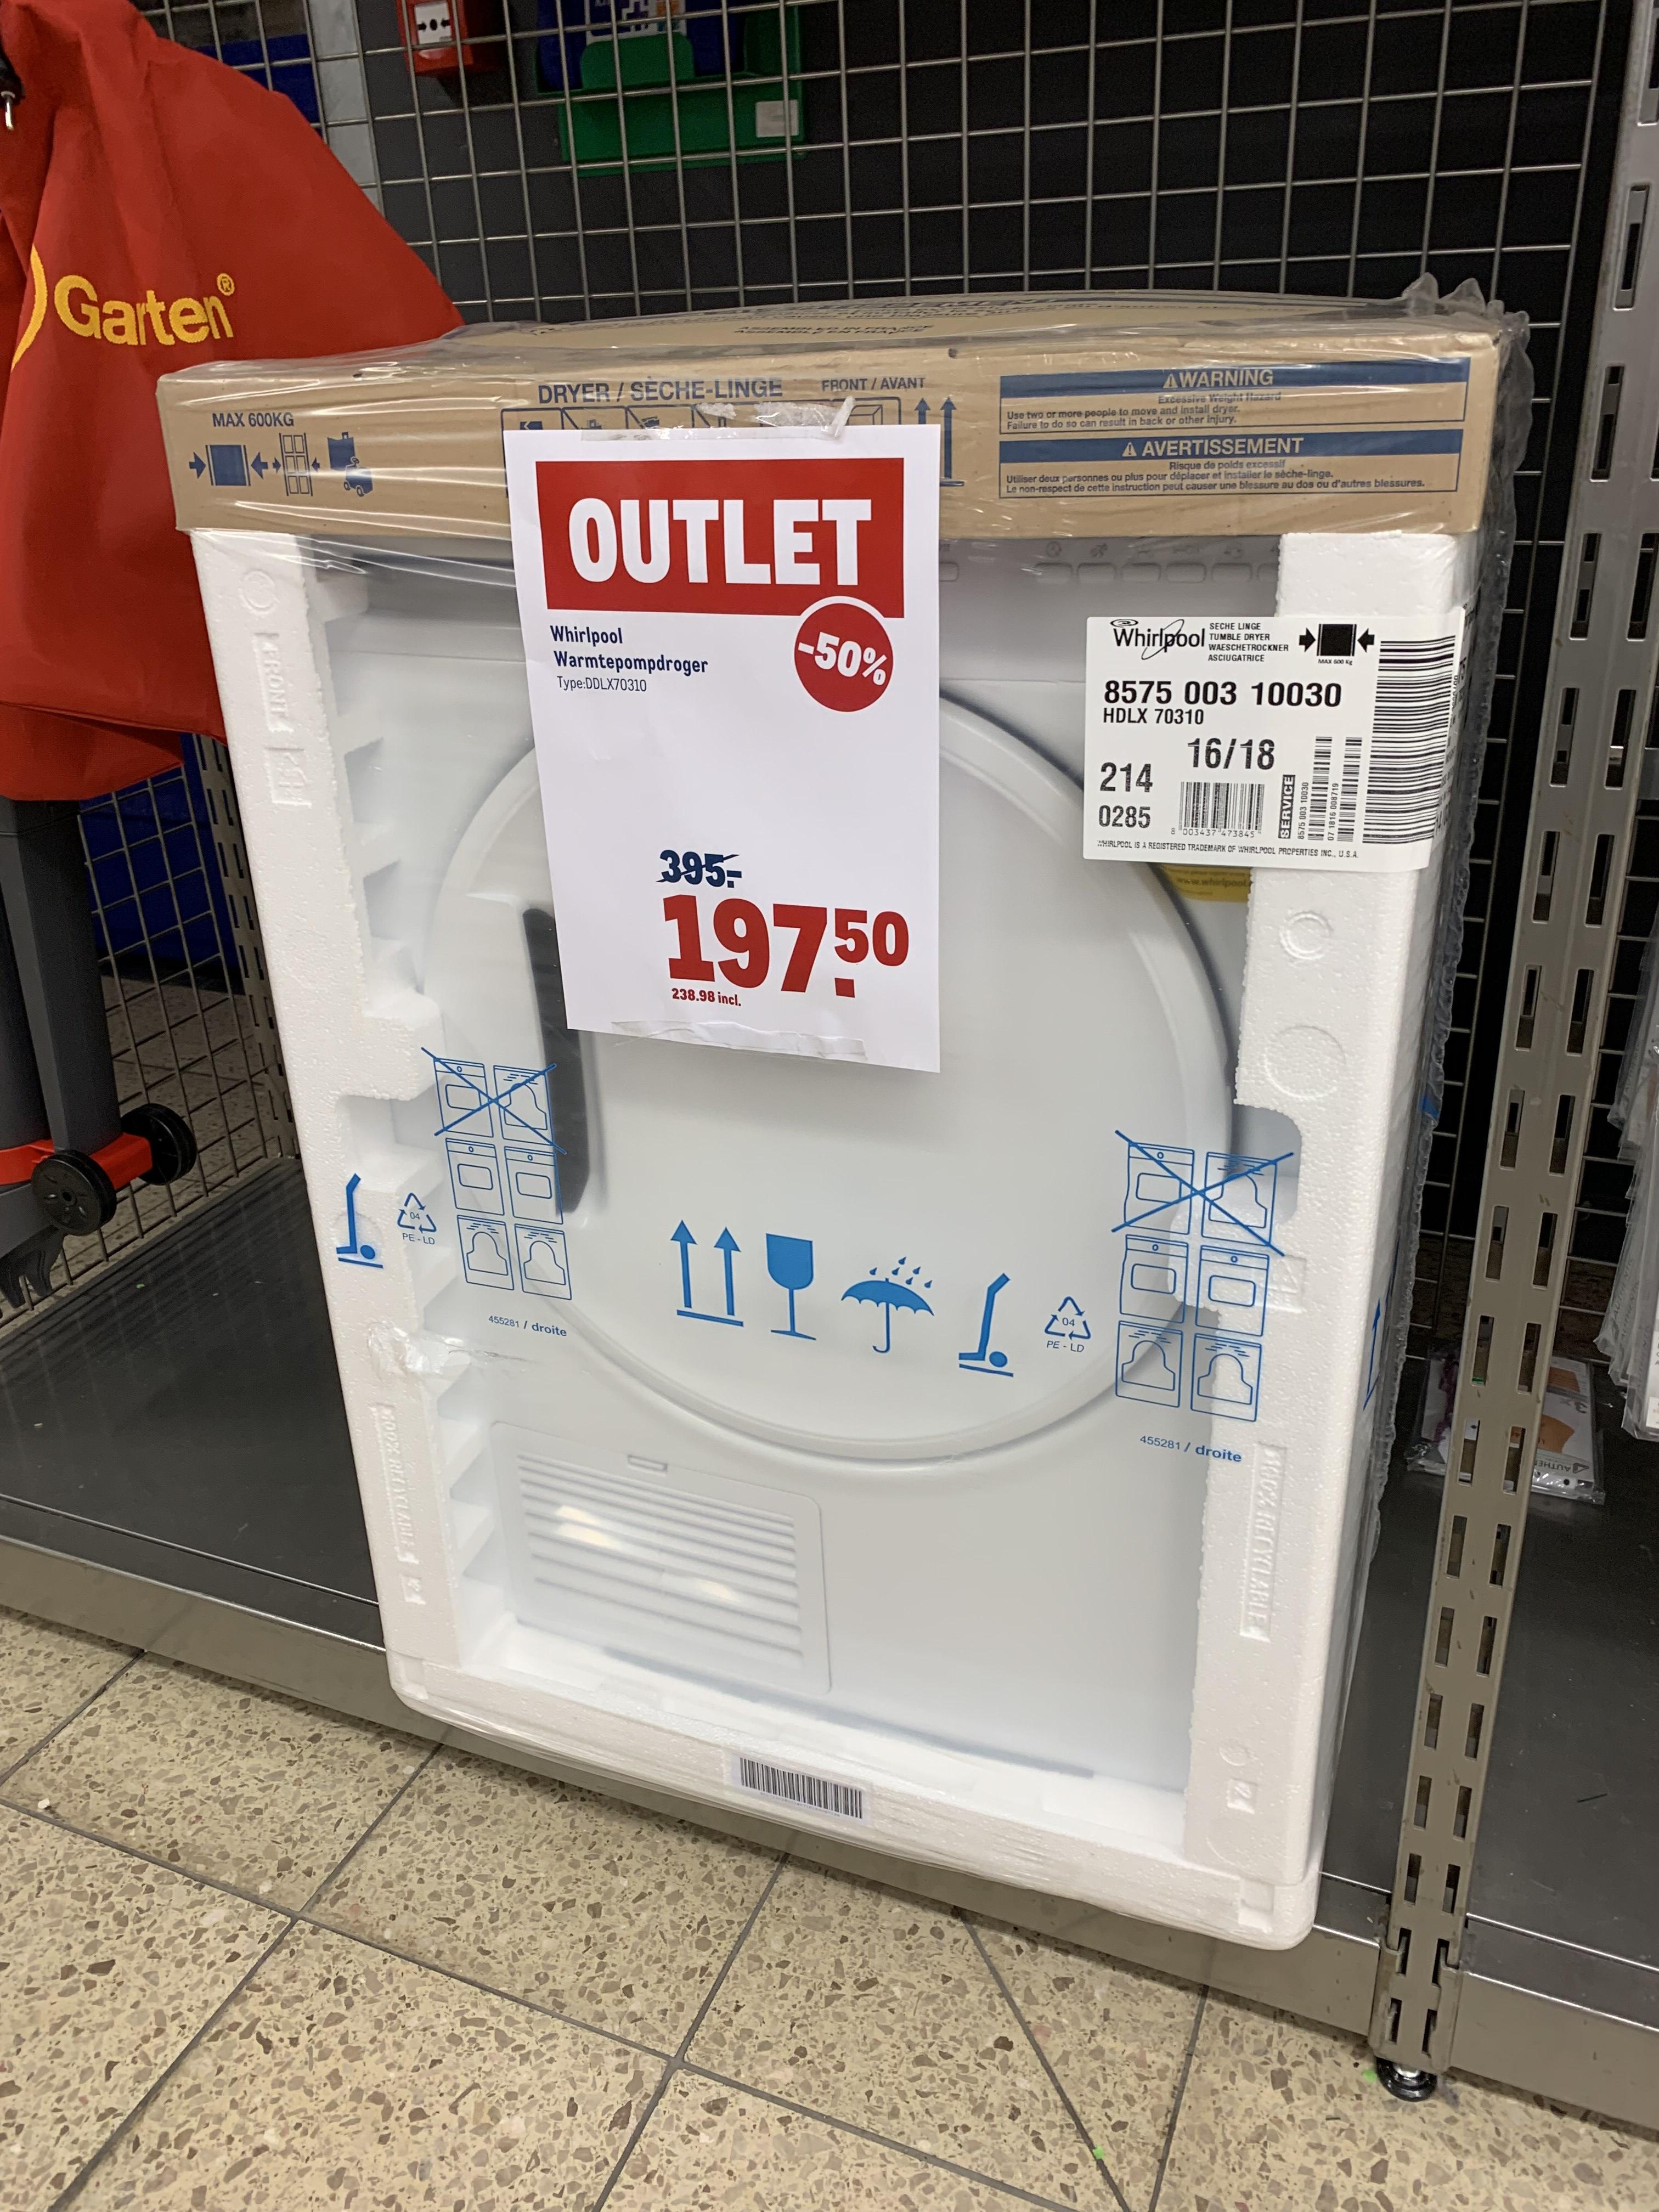 Whirlpool warmtepomp droger voor maar €238,98 bij Makro in de outlet